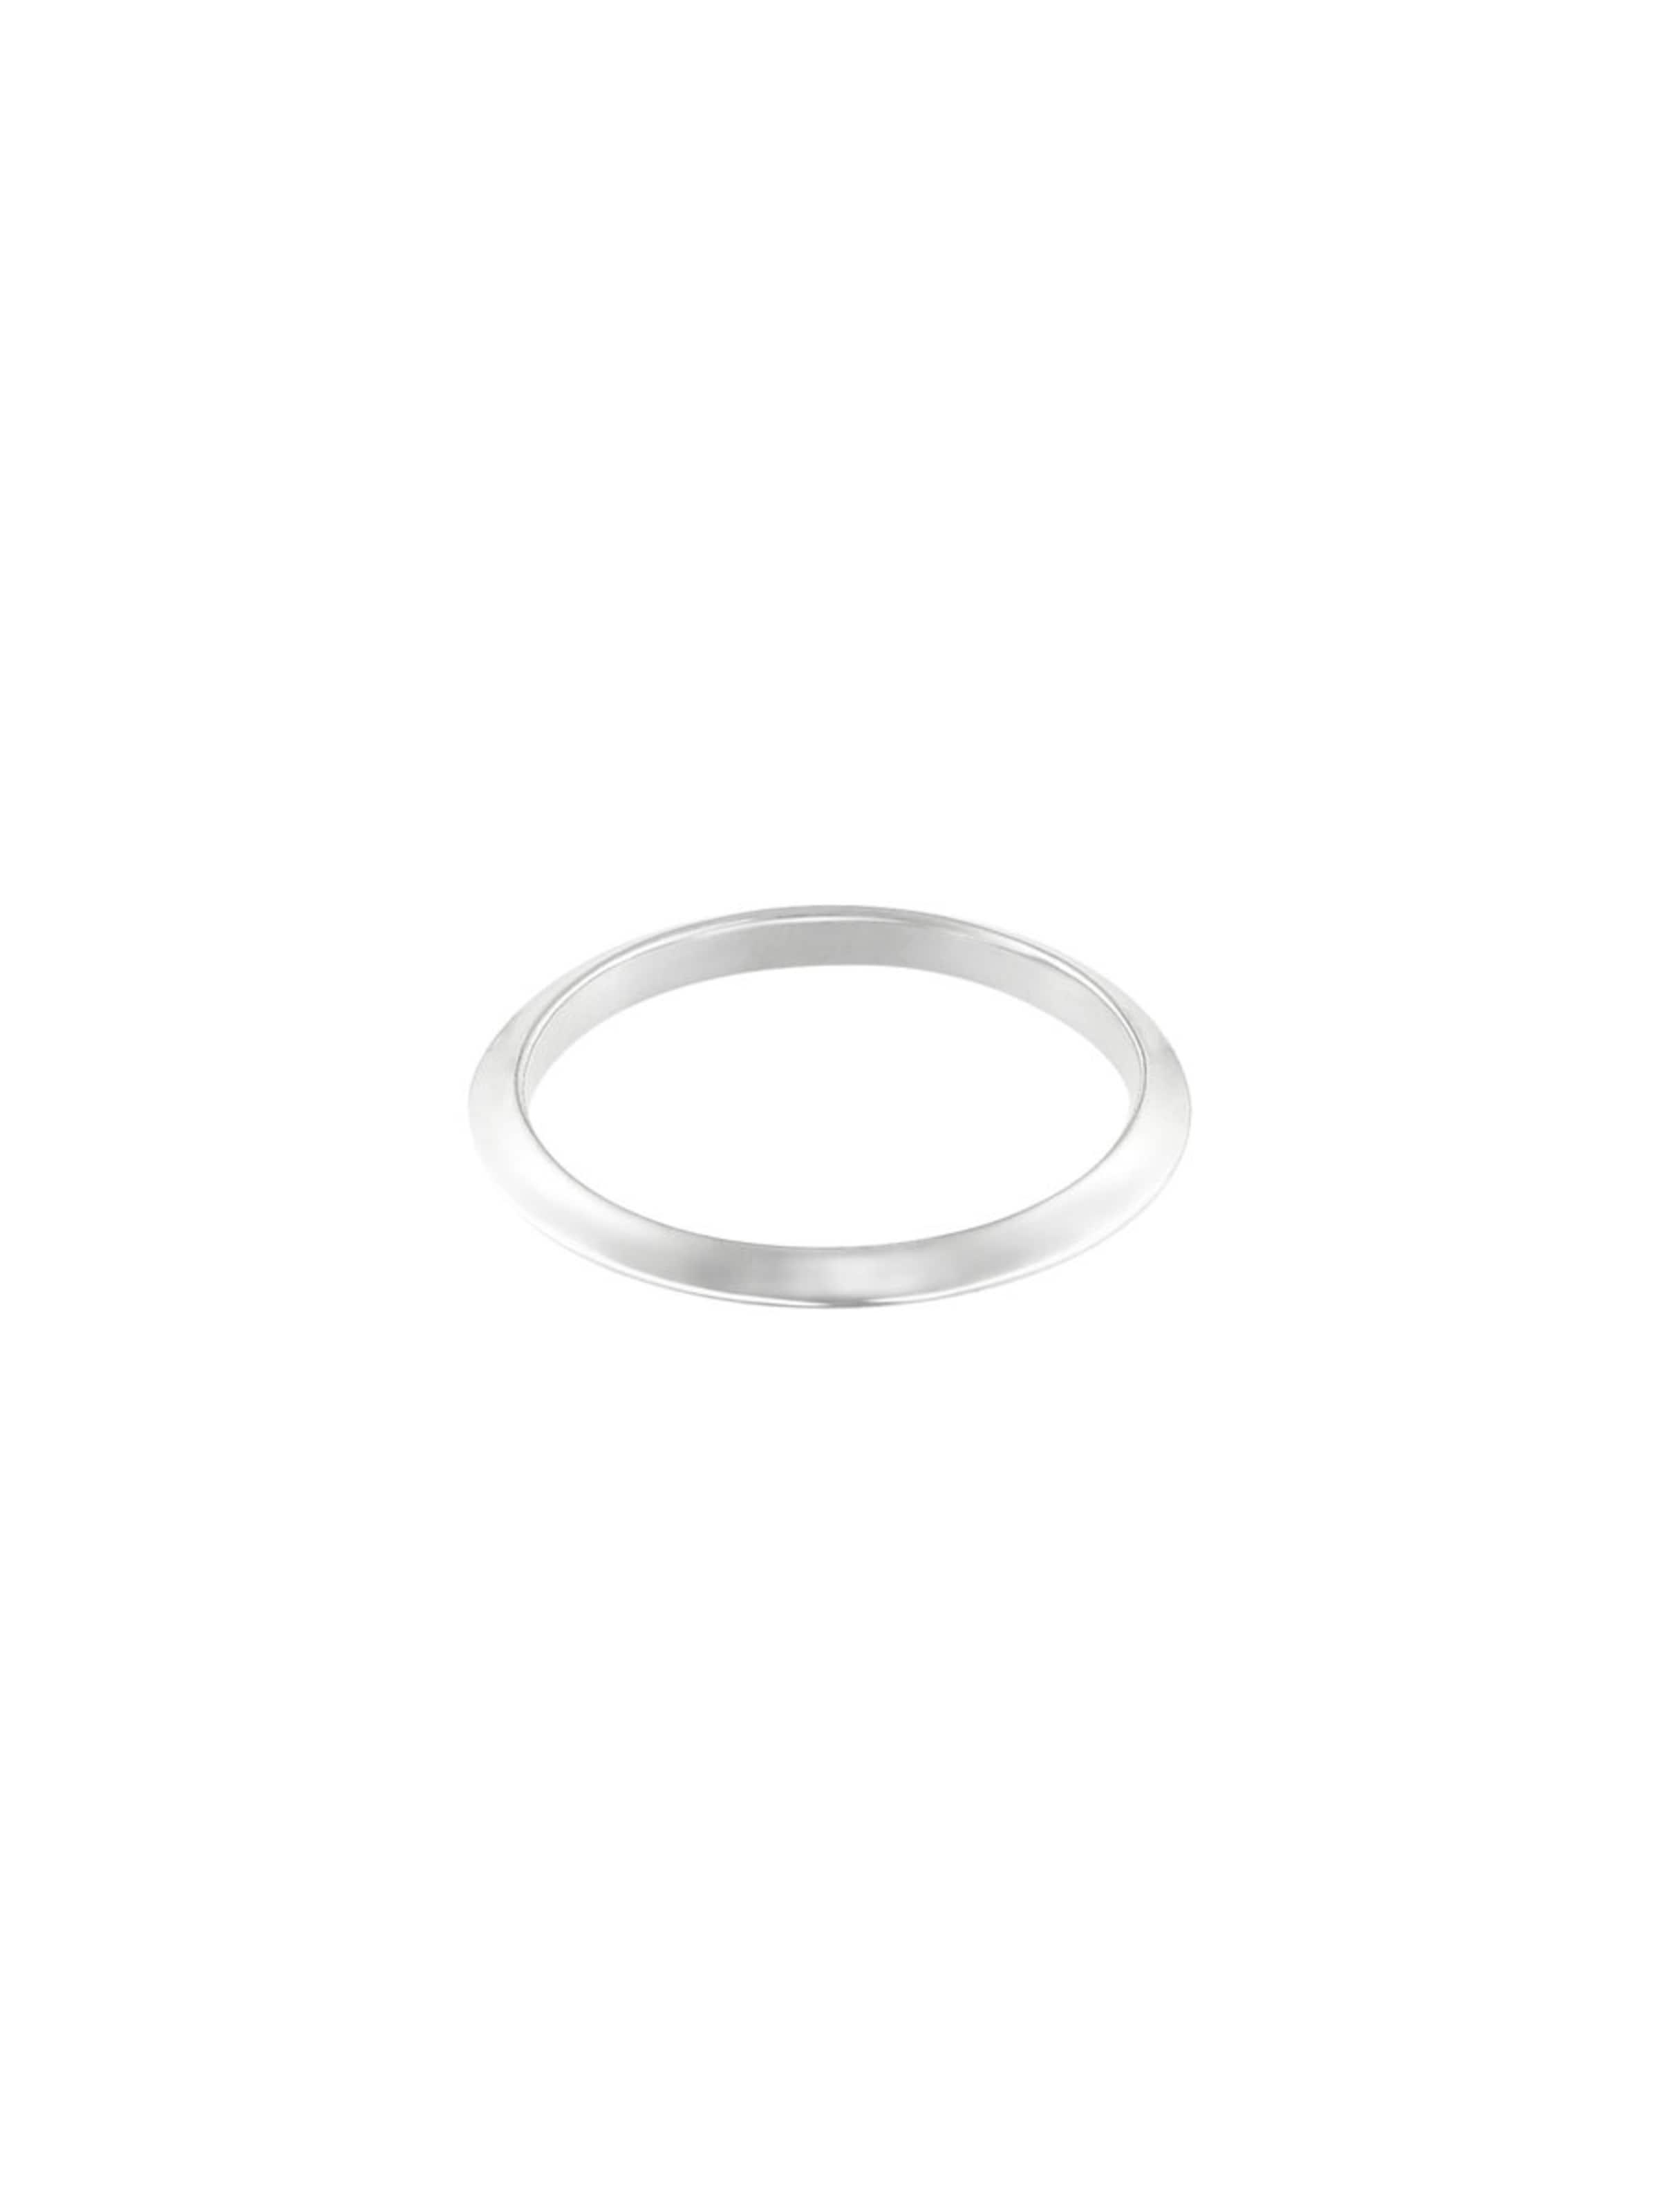 ID Fine Blade Ring Verkauf Footlocker Gut Verkaufen Verkauf Online Günstig Kaufen Kaufen Günstig Online Billig Original 2jm94LKMAG